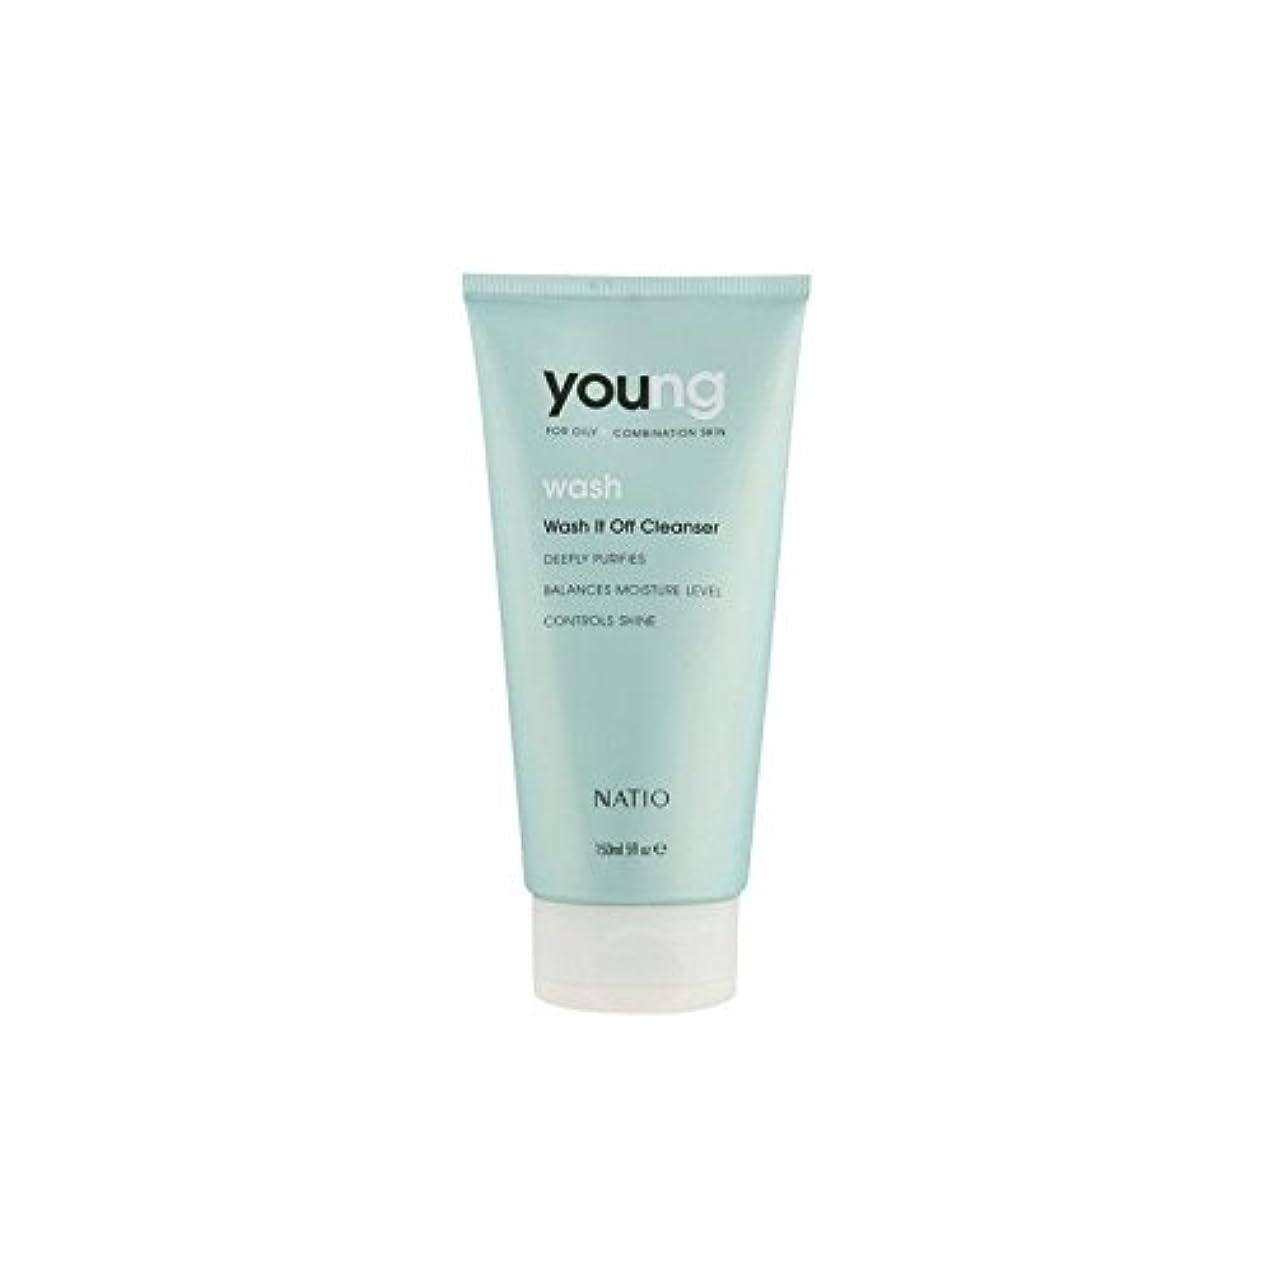 フィットネスタイピスト最近若いウォッシュそれオフクレンザー(150ミリリットル) x4 - Natio Young Wash It Off Cleanser (150ml) (Pack of 4) [並行輸入品]